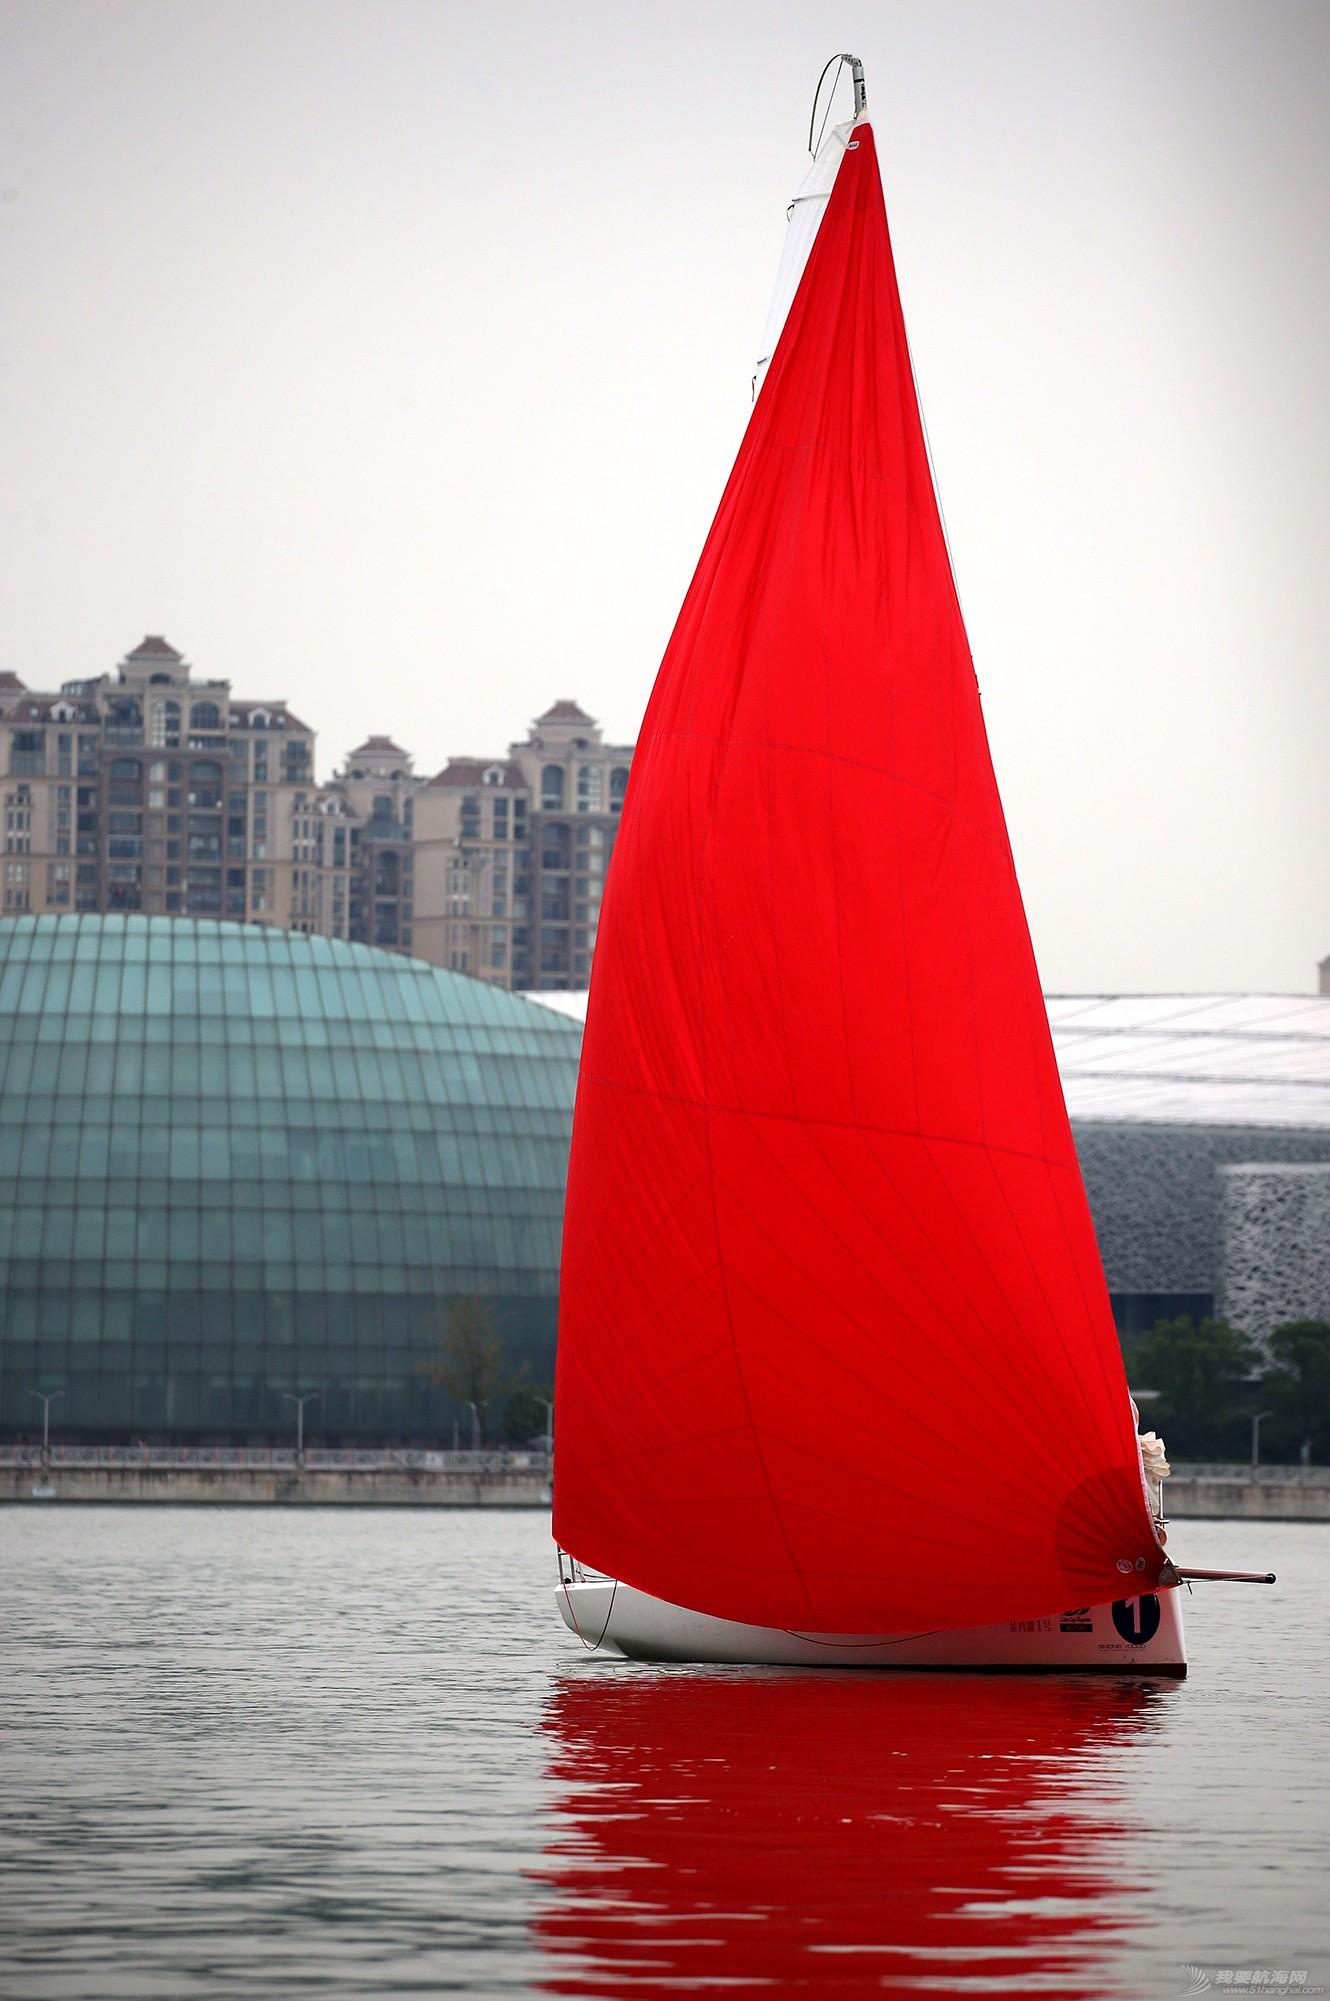 帆船,空间 帆船是灰度空间里跳动的彩色音符 E78W9698.JPG